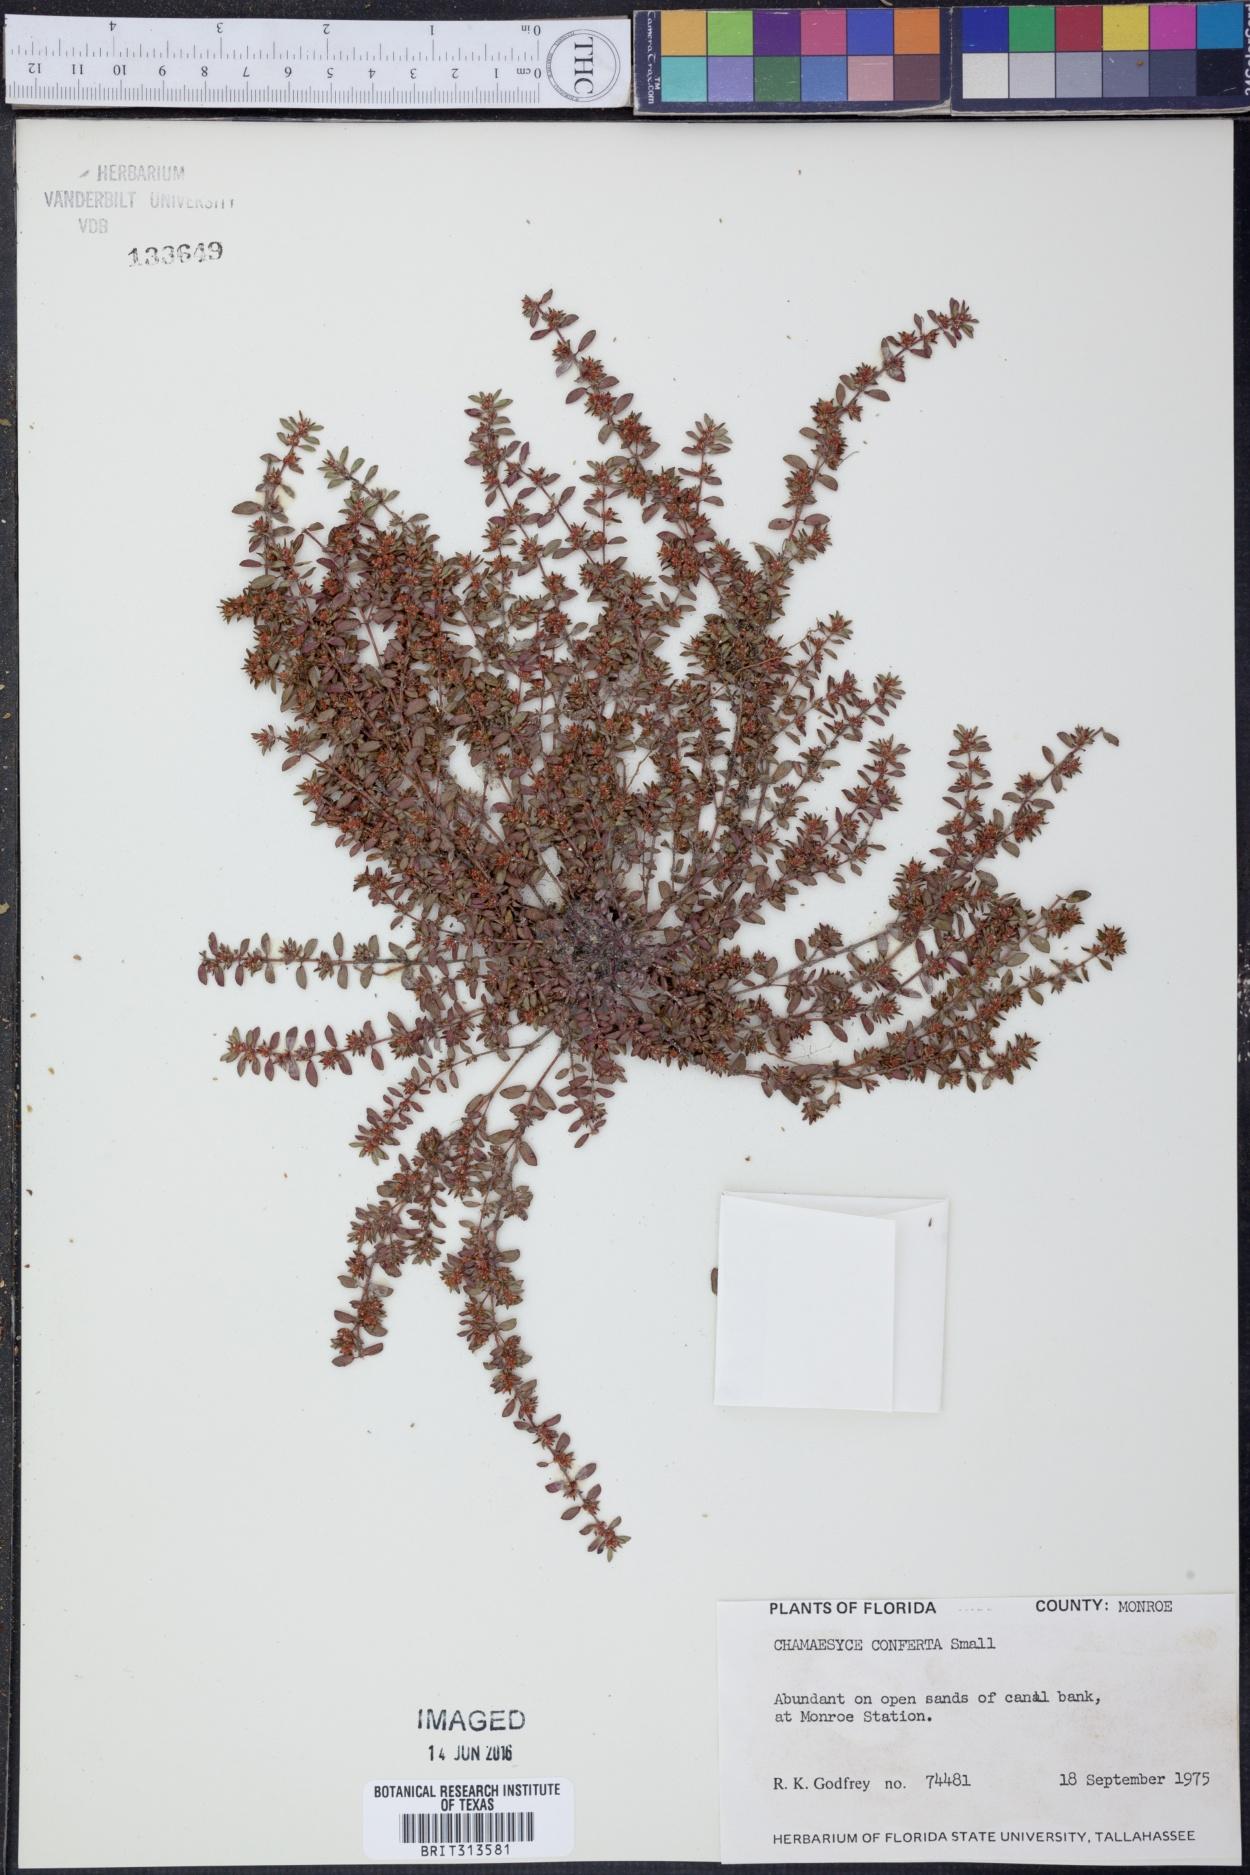 Chamaesyce conferta image